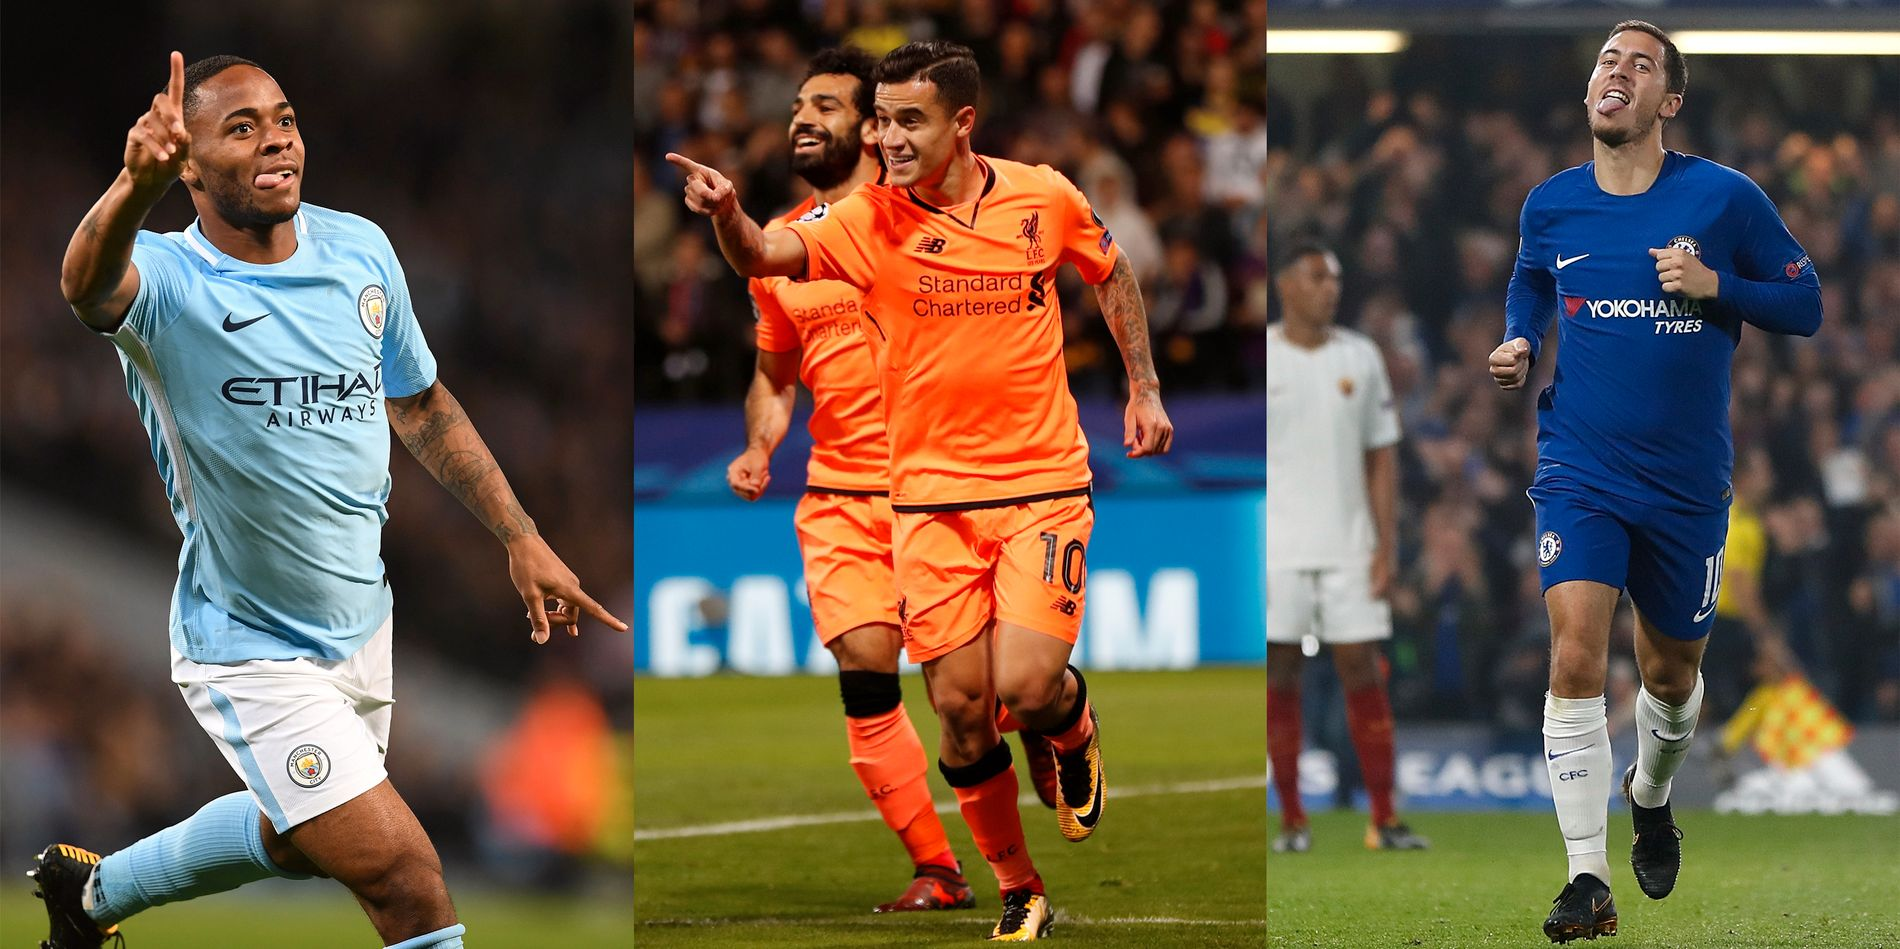 BRITISK GLEDE: Raheem Sterling feirer scoring mot Napoli tirsdag, Phillipe Coutinho etter ett av Liverpools syv mål mot Maribor onsdag og Eden Hazard etter å ha sendt Chelsea ajour 3-3 mot Roma onsdag.